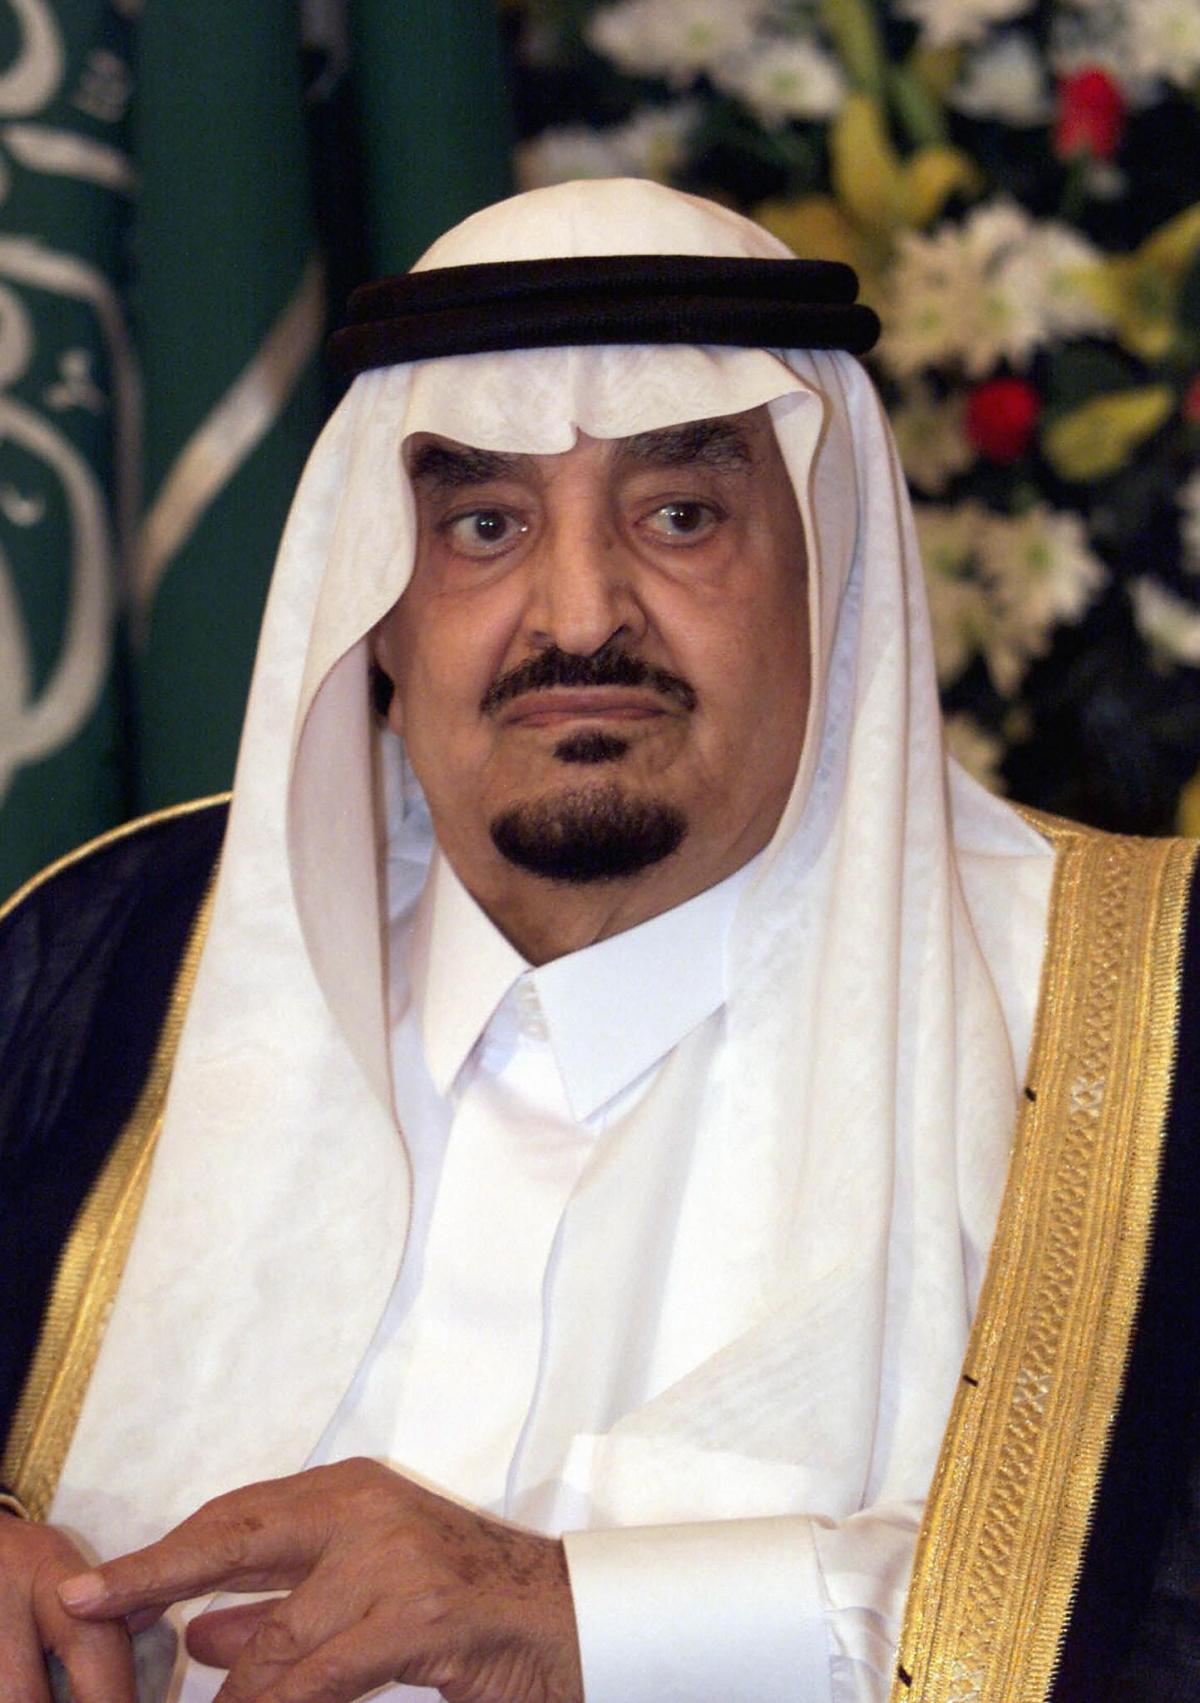 The late King Fahd of Saudi Arabia